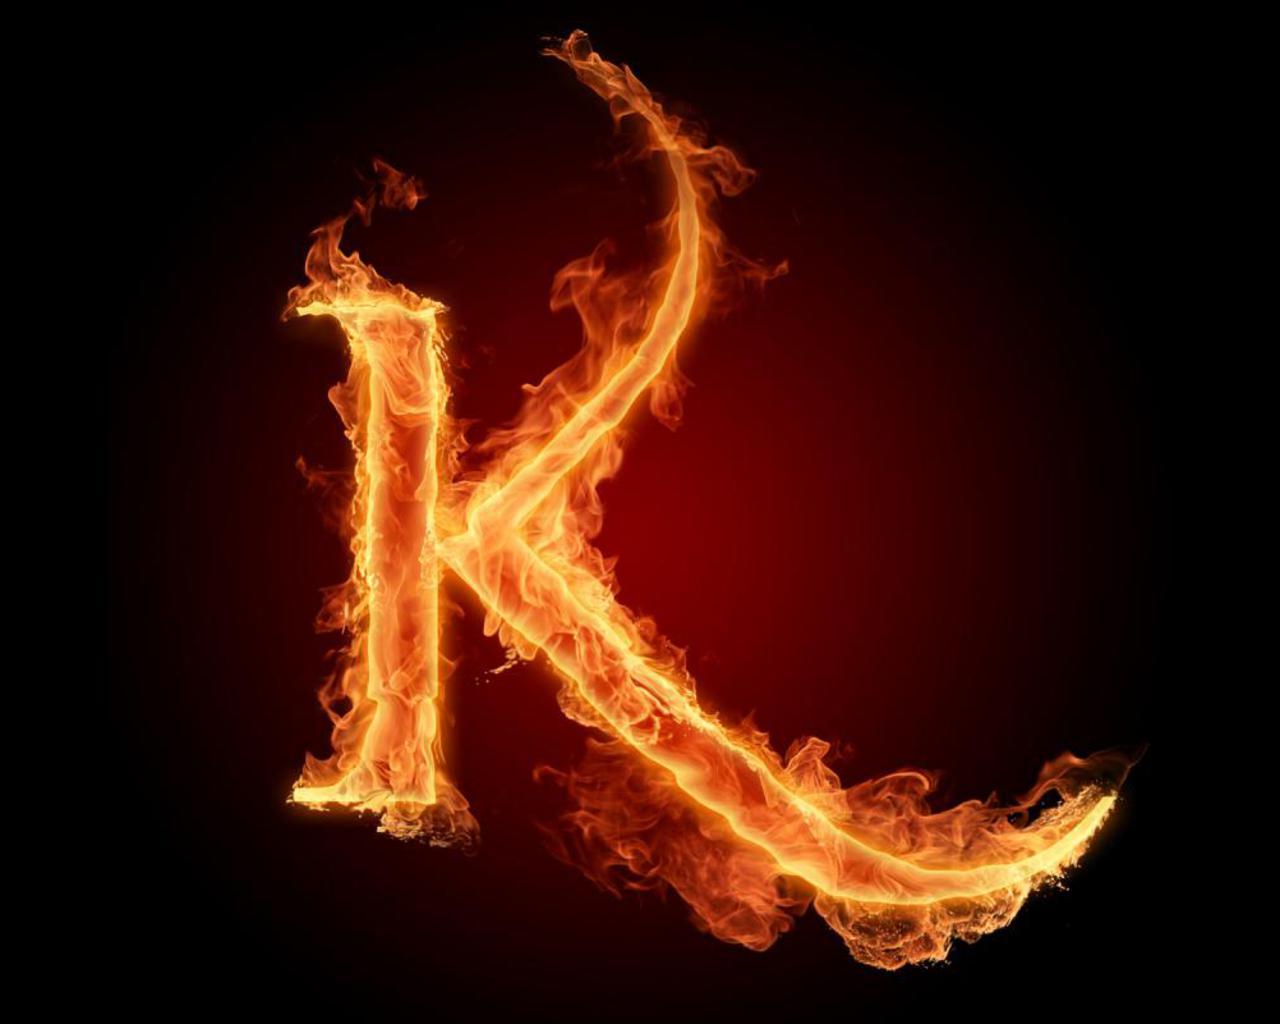 بالصور احلى الصور لحرف k